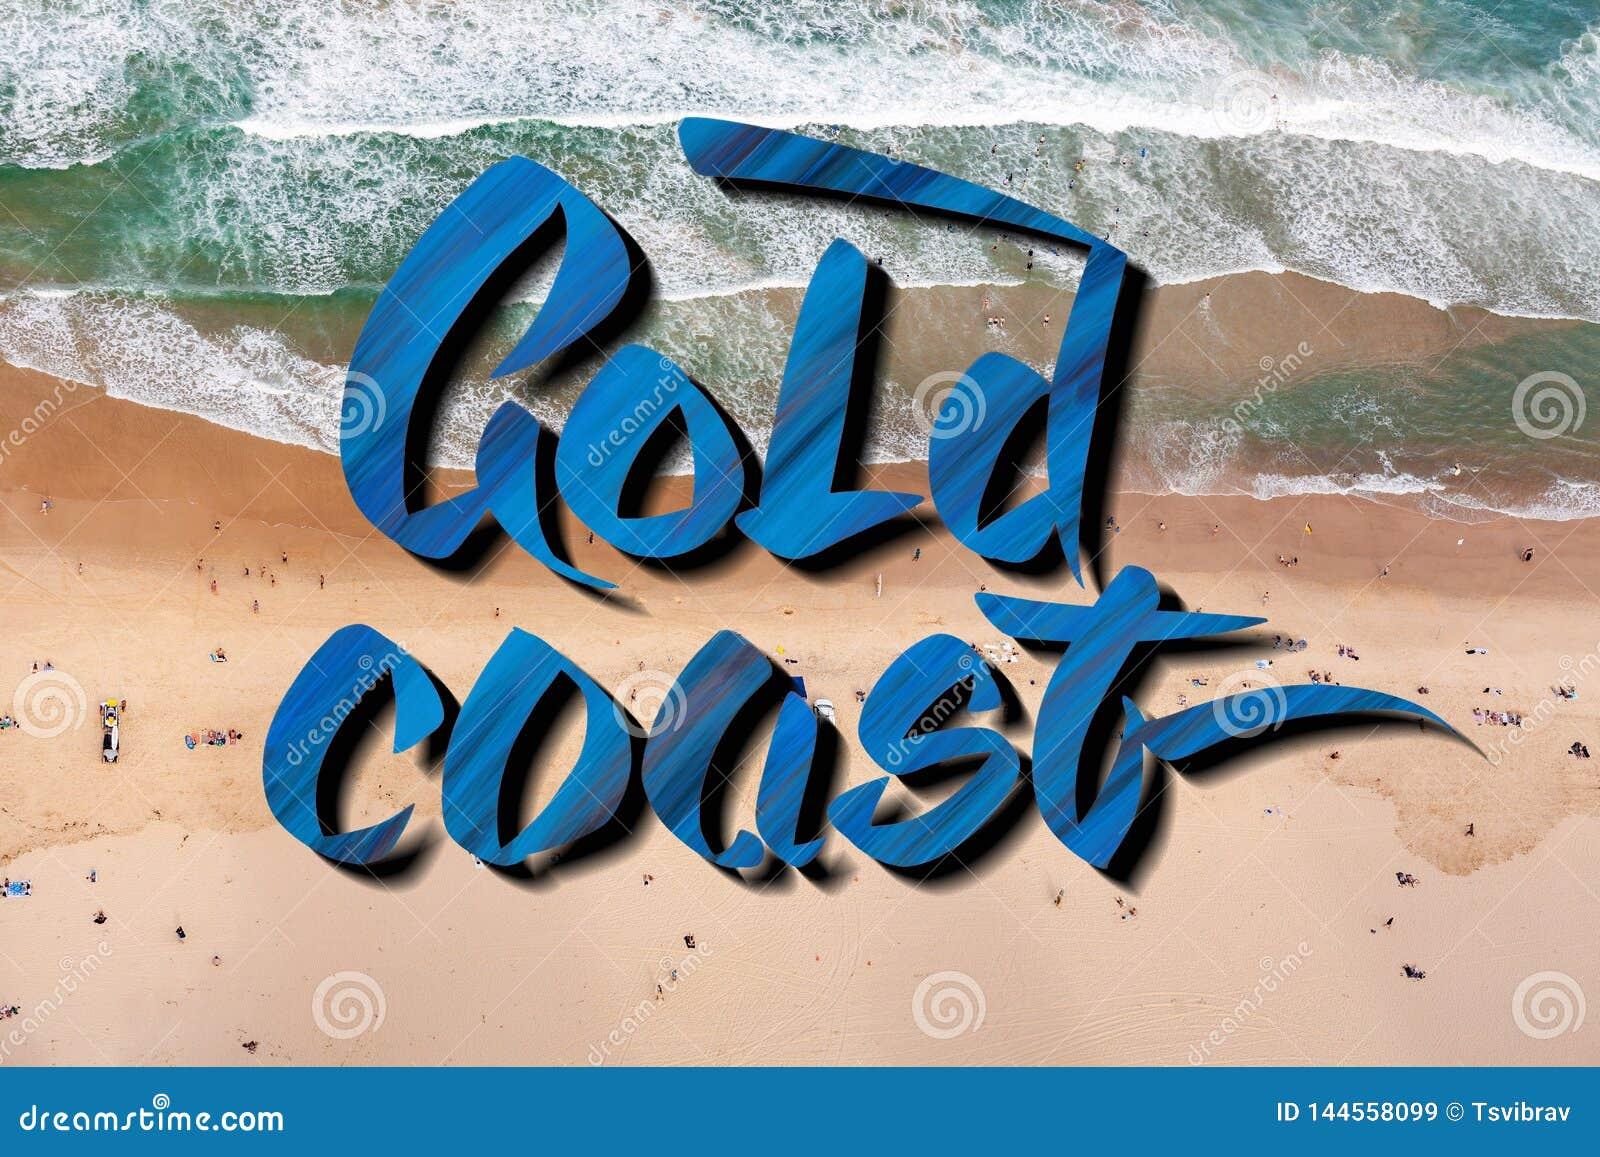 Lettrage de la Gold Coast au-dessus de la vue aérienne des personnes sur la plage au Queensland, Australie